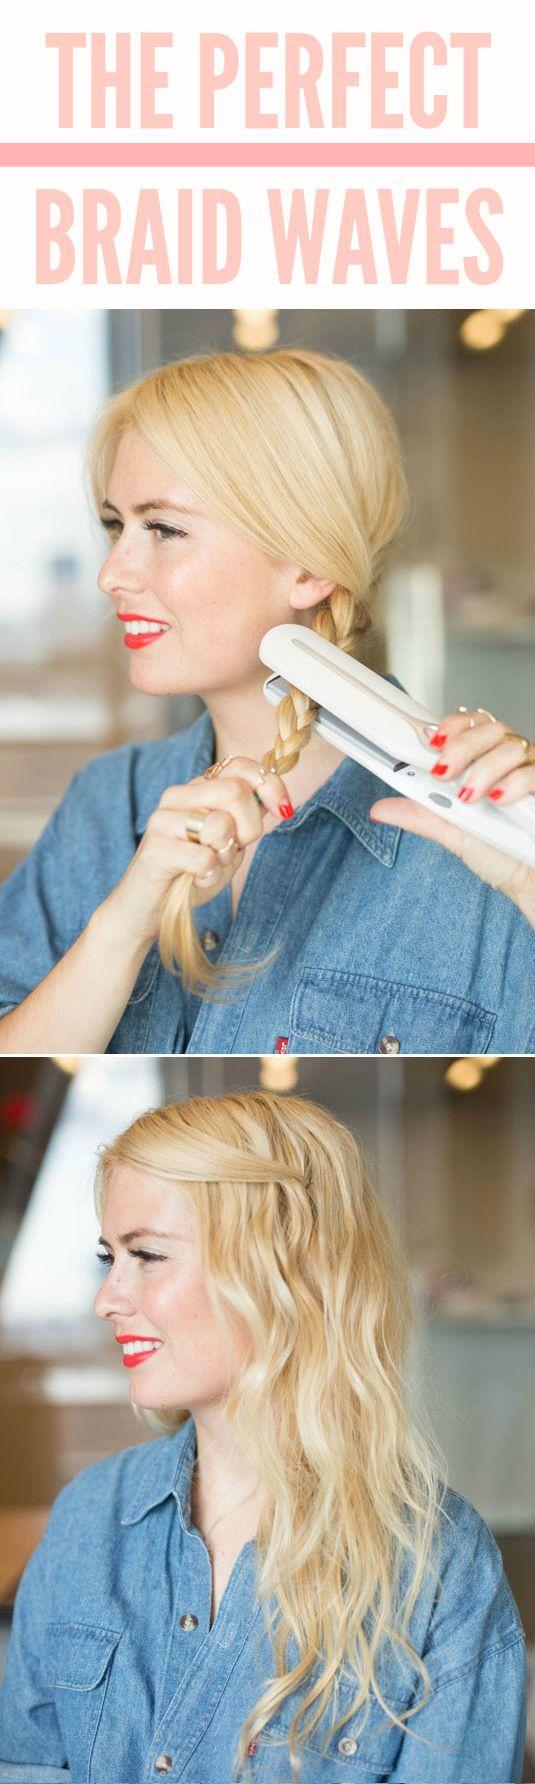 Trenzar su cabello, luego calentarlo, plancha sobre el para hacer ondas imperfectas .